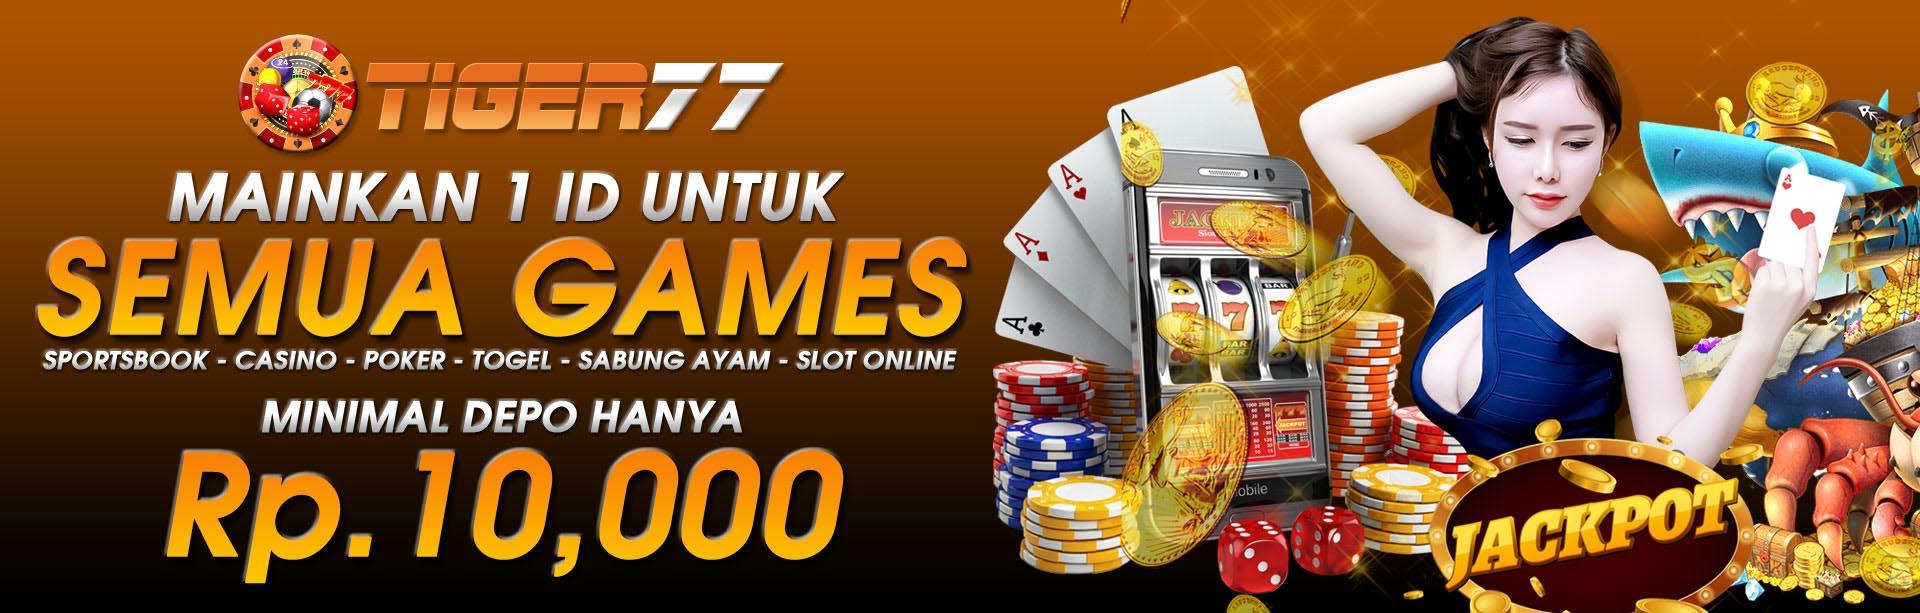 Situs Judi Slot Terbaru Deposit Pulsa Promosi Member Baru Mudah Winrate Tertinggi ION Slot